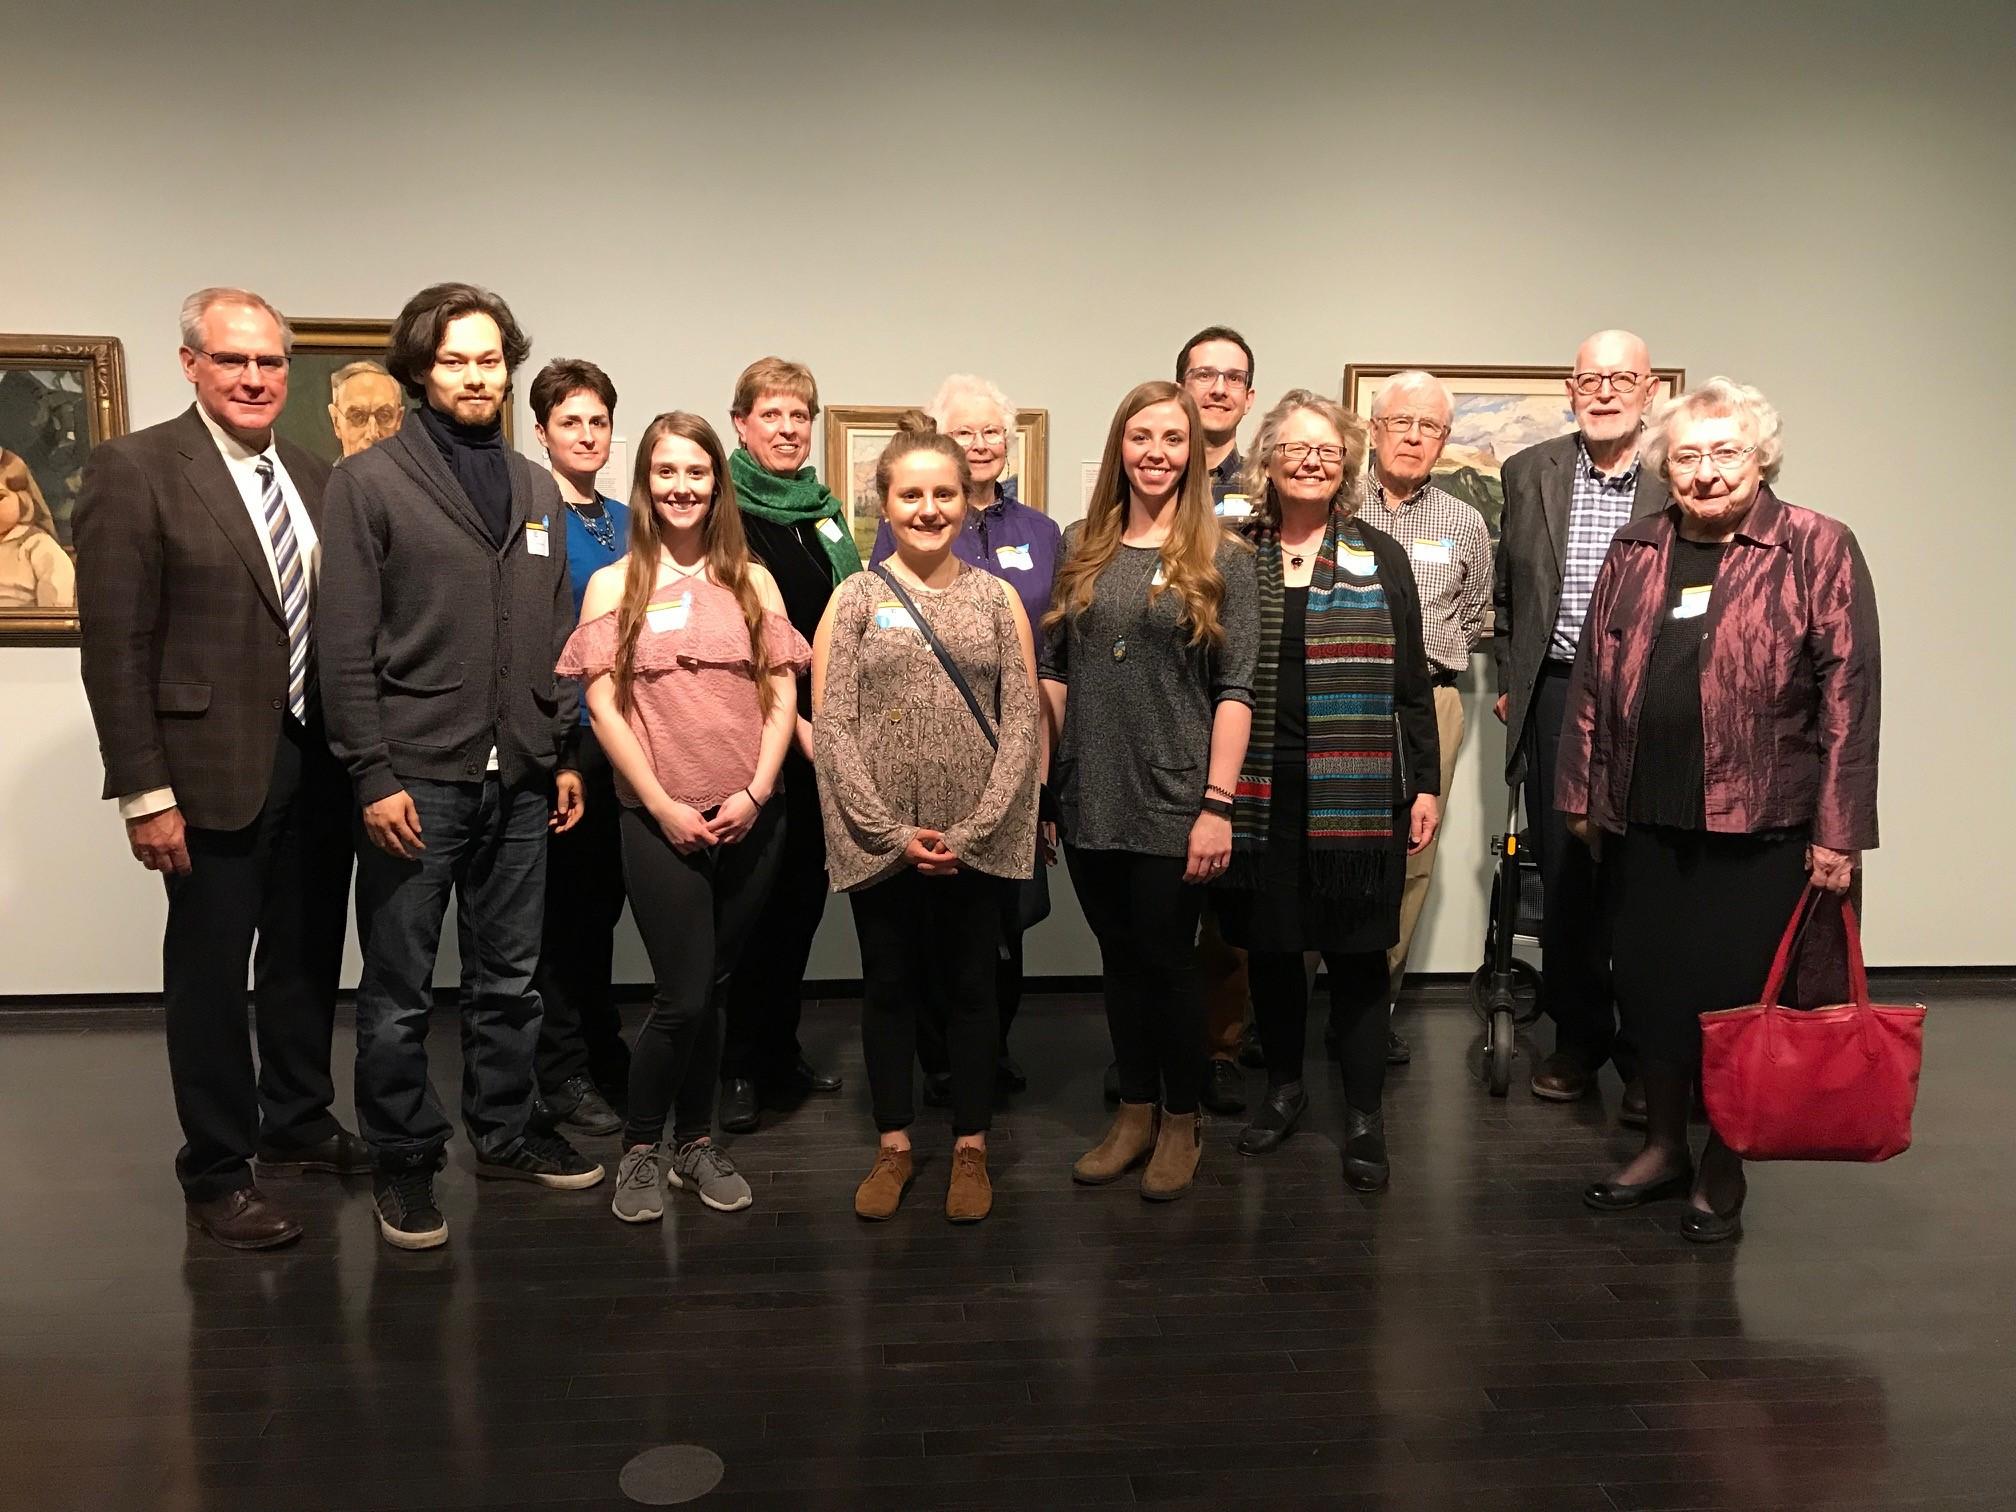 Edmonton Alumni, 2018 at the Art Gallery of Alberta